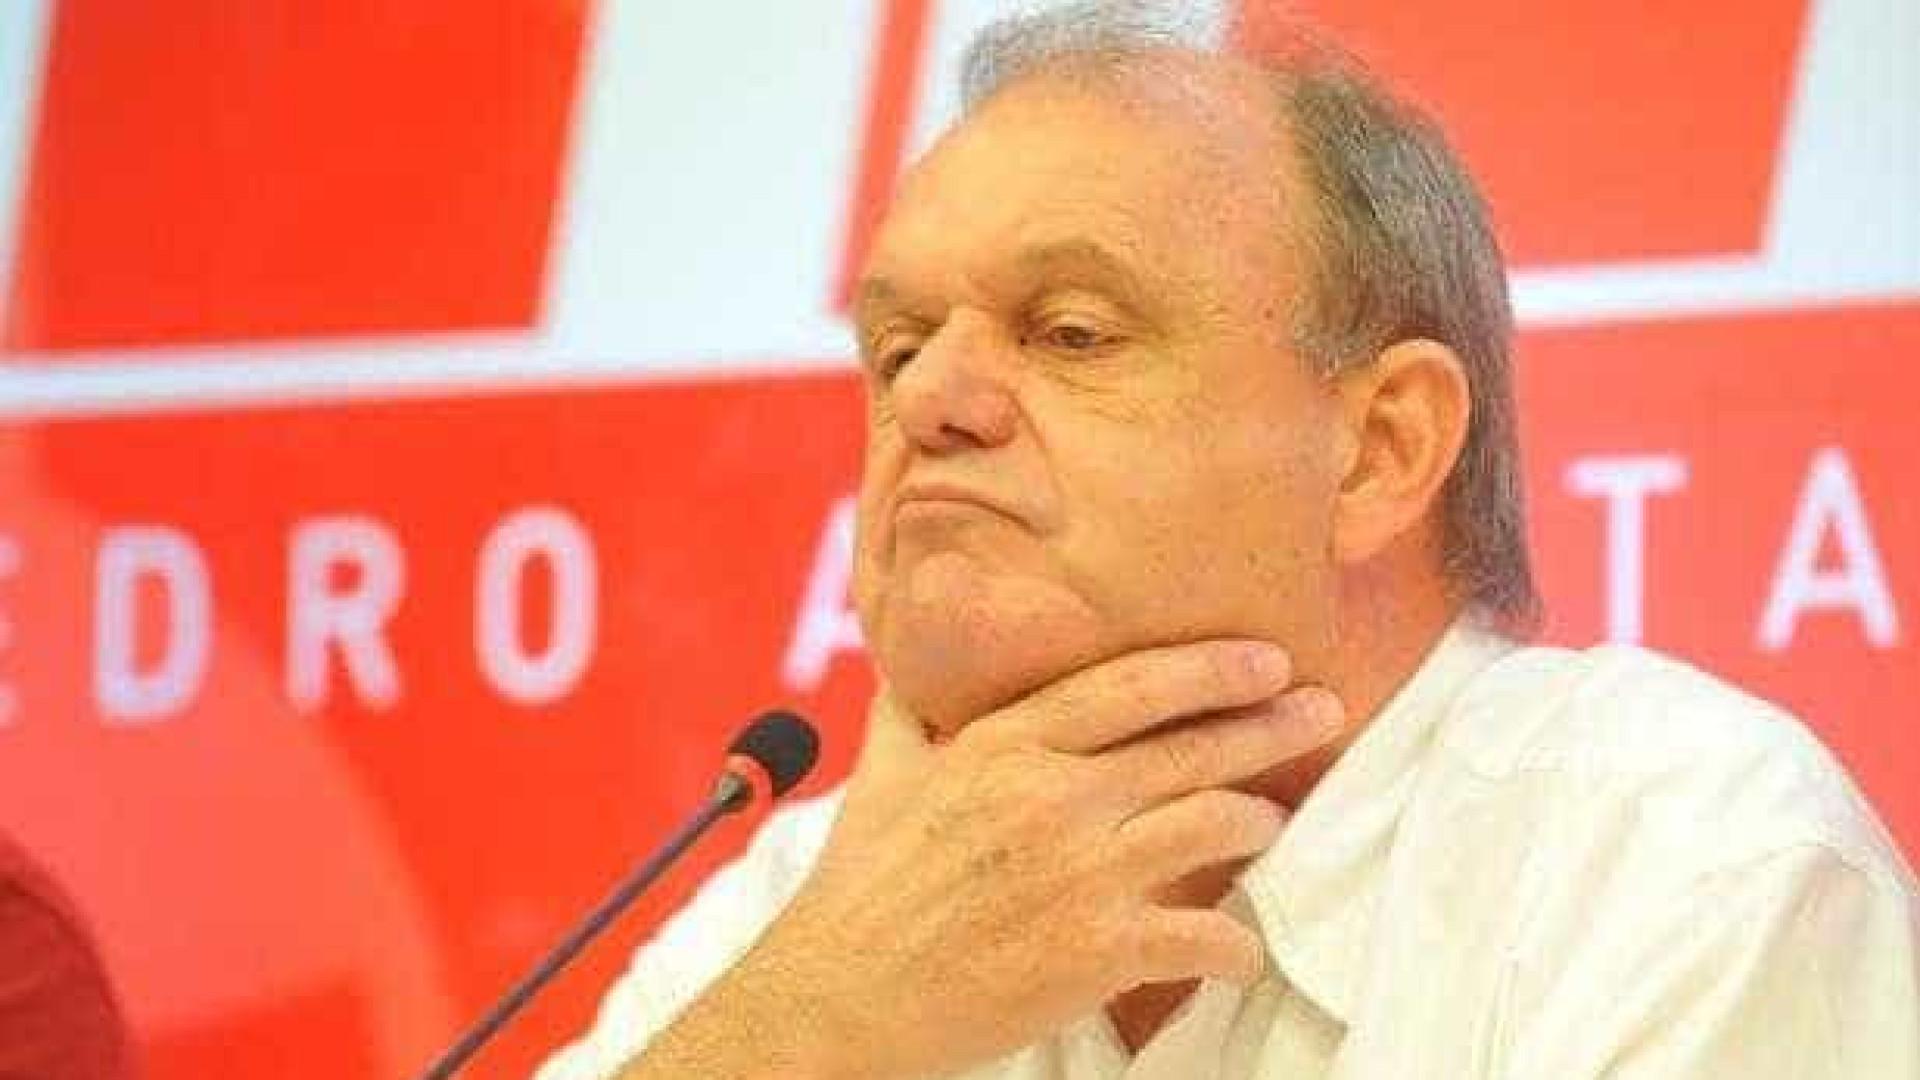 Laudos comprovam fraude do Inter no caso Victor Ramos, diz STJD